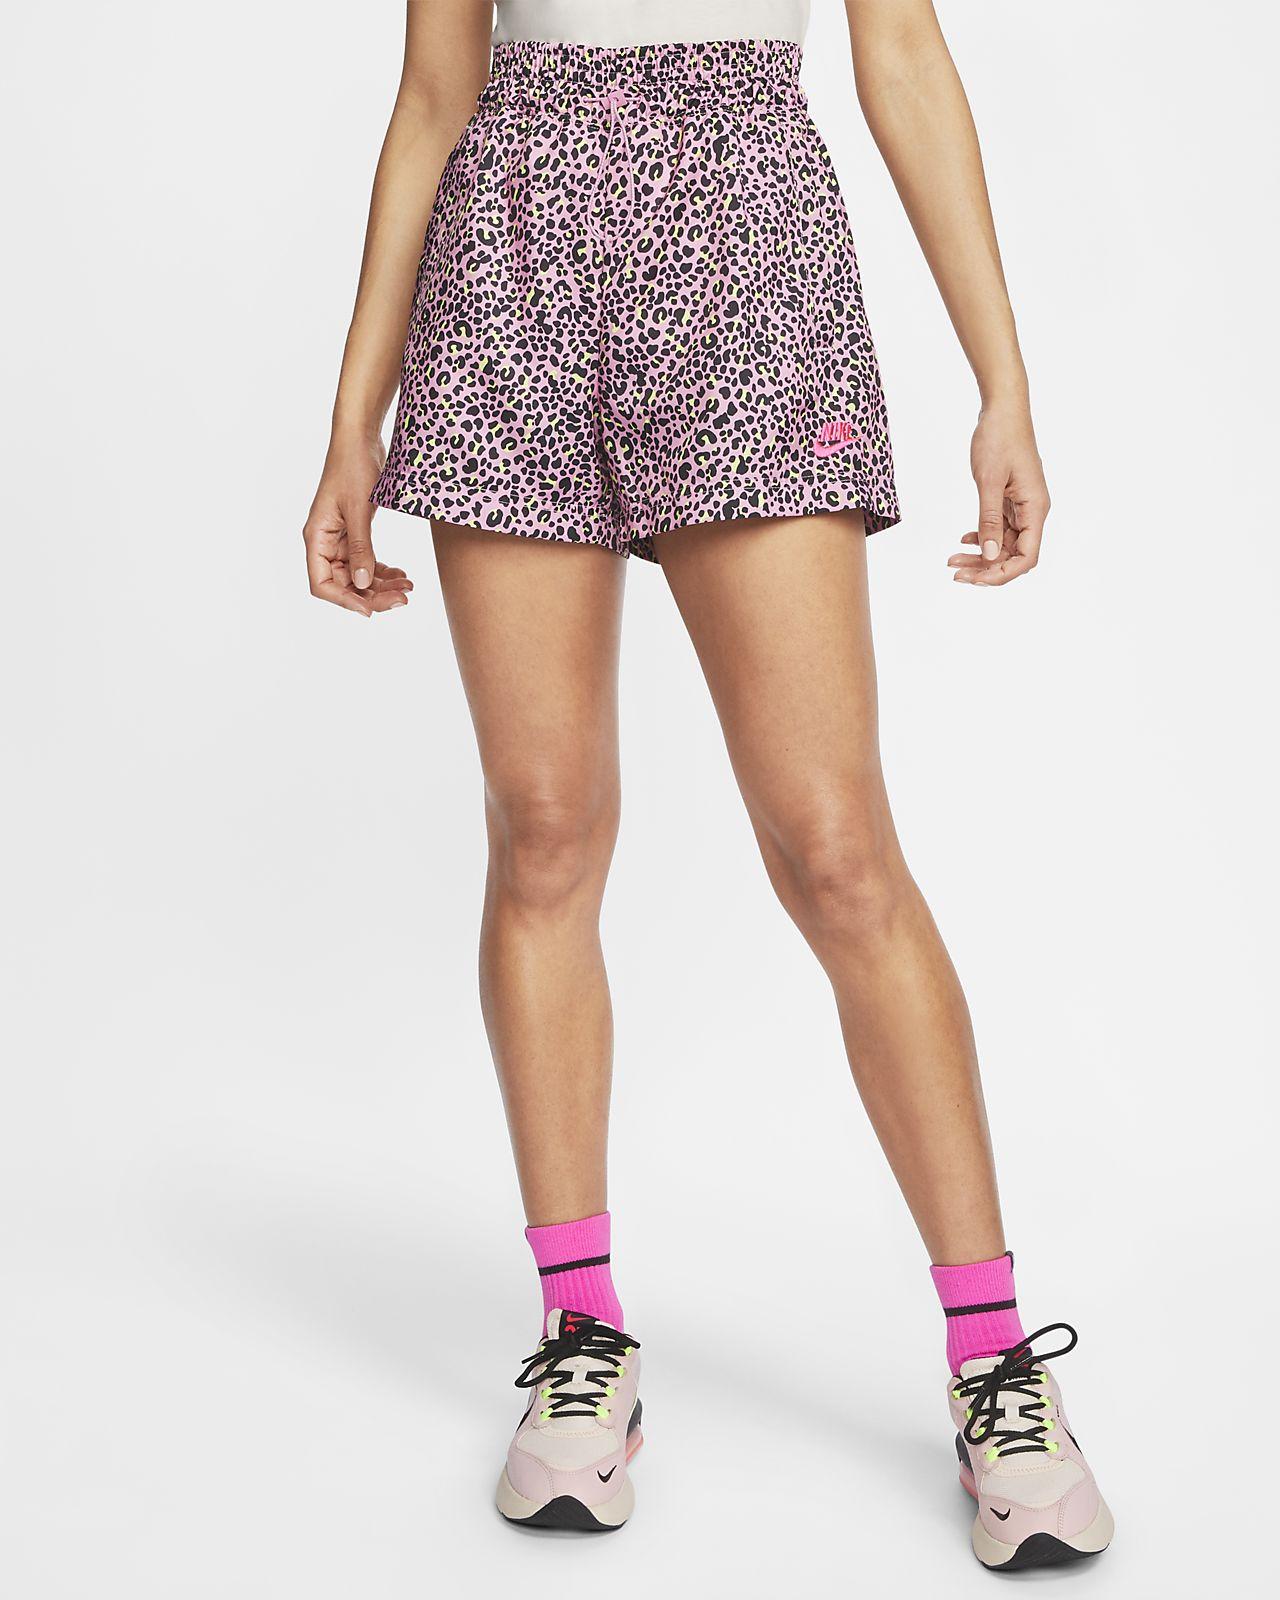 Γυναικείο υφαντό σορτς Nike Sportswear